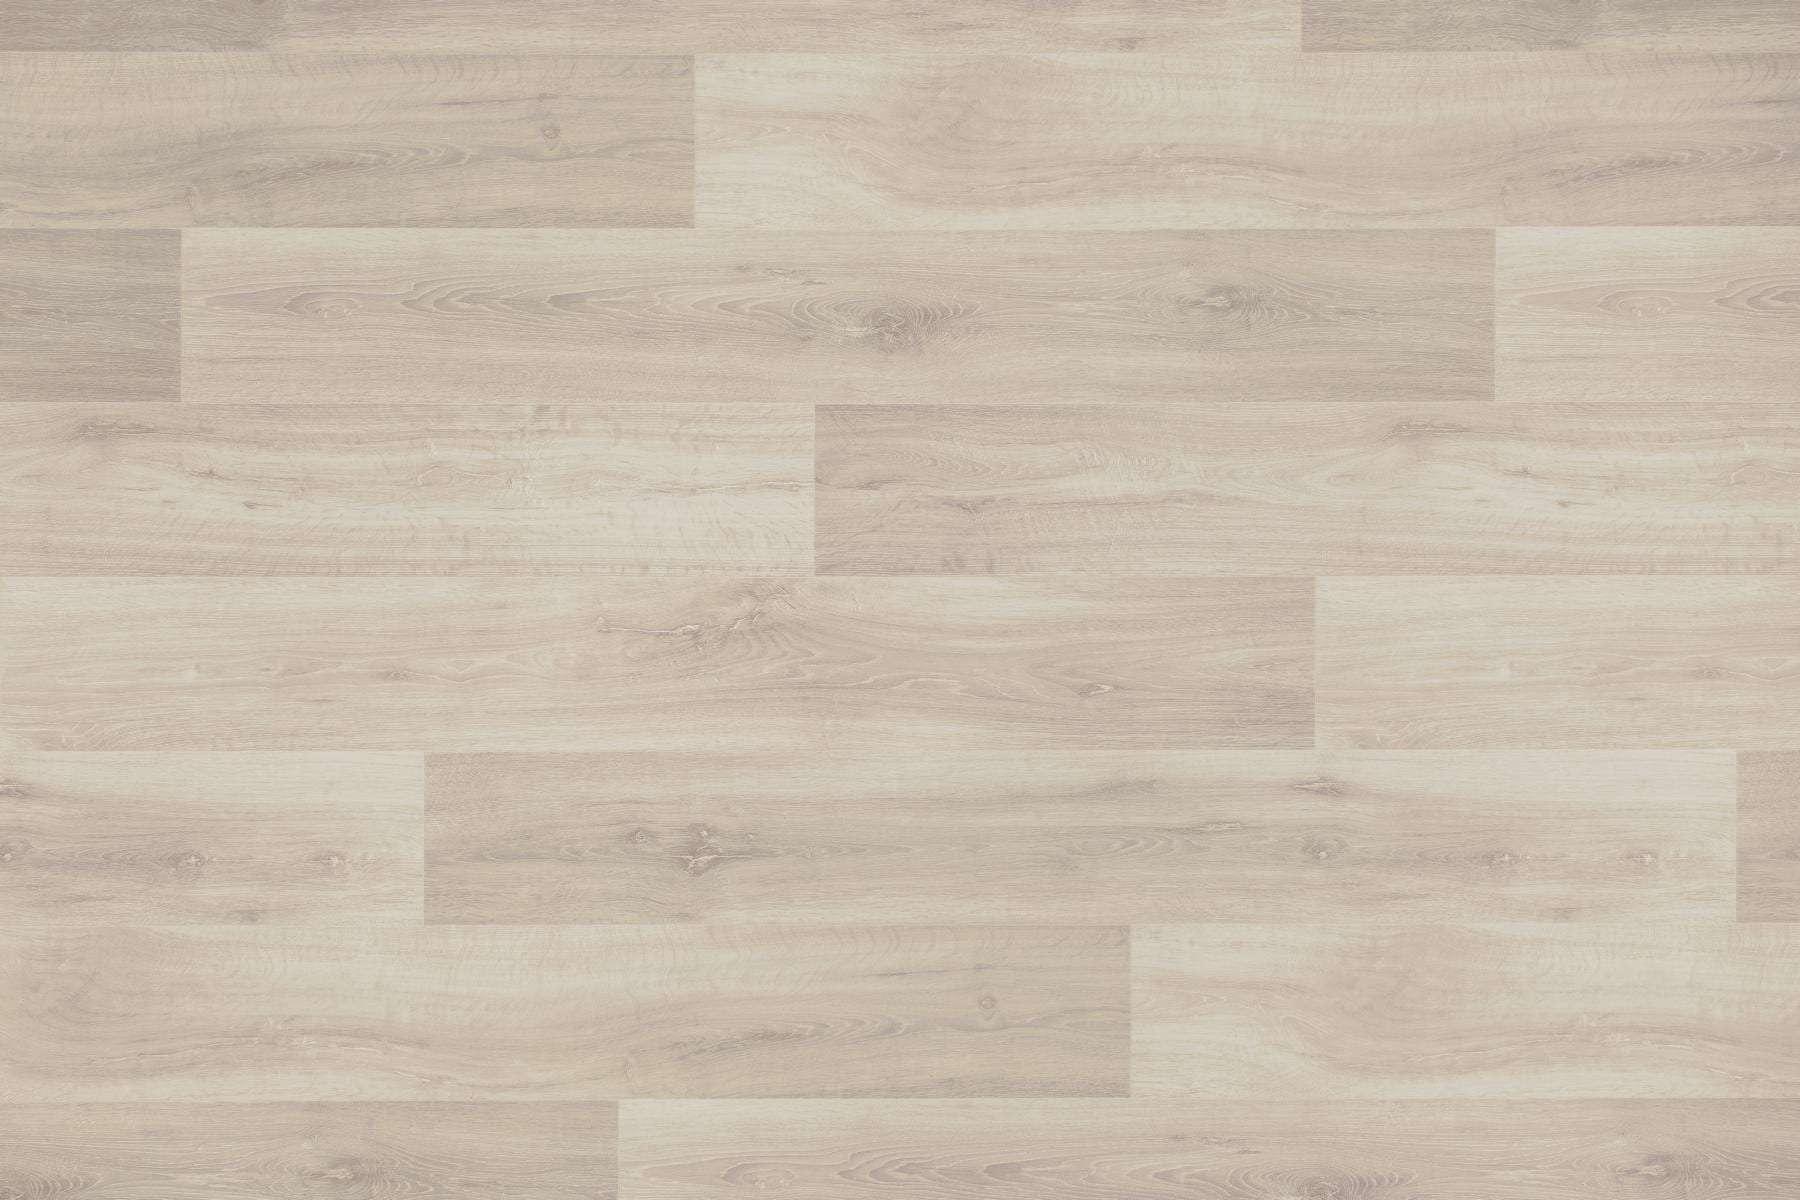 Vinyl Laminat Klick (HDF) | Vinylboden | Raumtrend Hinze